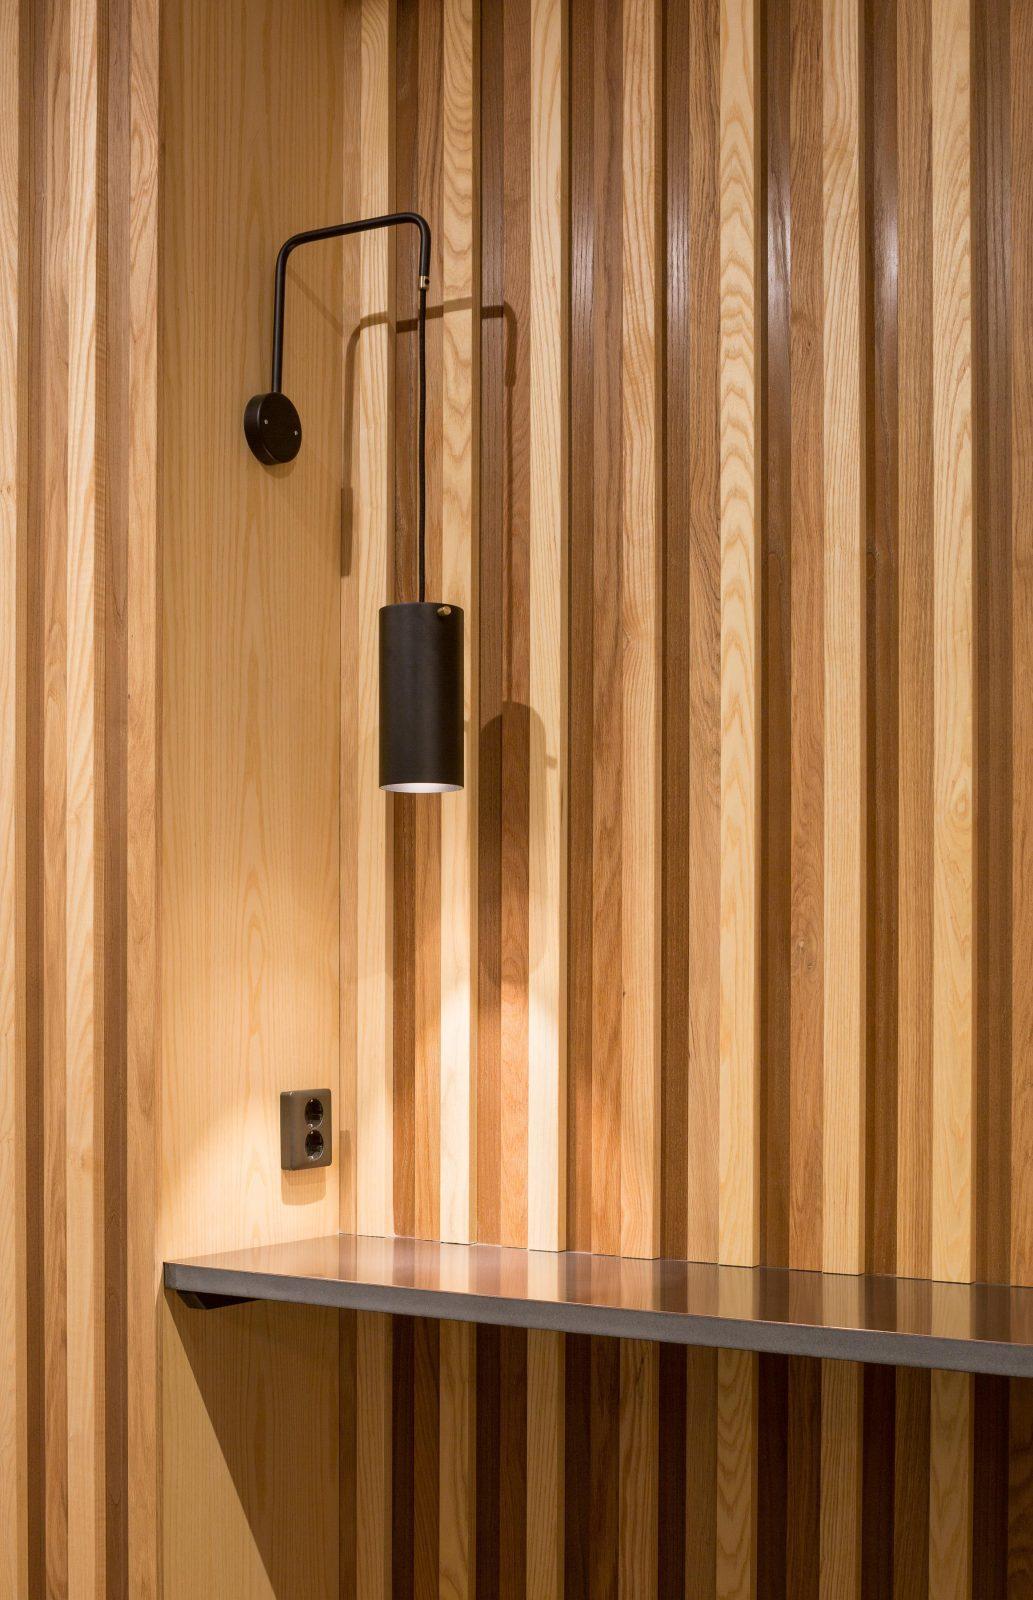 KjellanderSjoberg KlaraStrand Detail wood